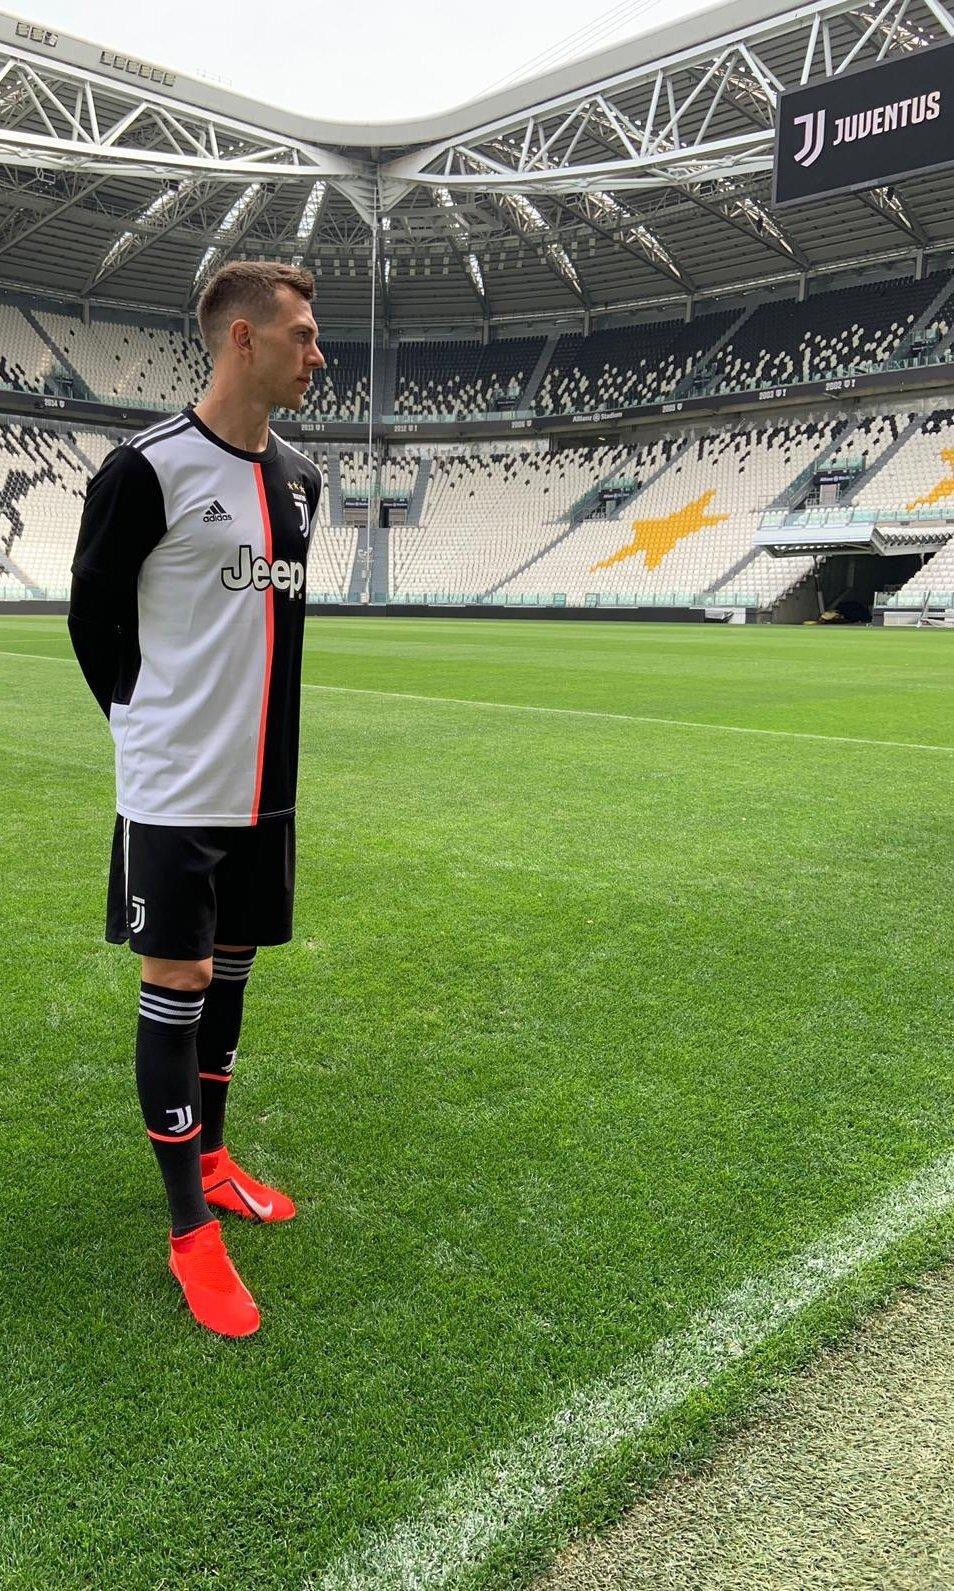 Juventus 2020 maillot foot domicile fuite